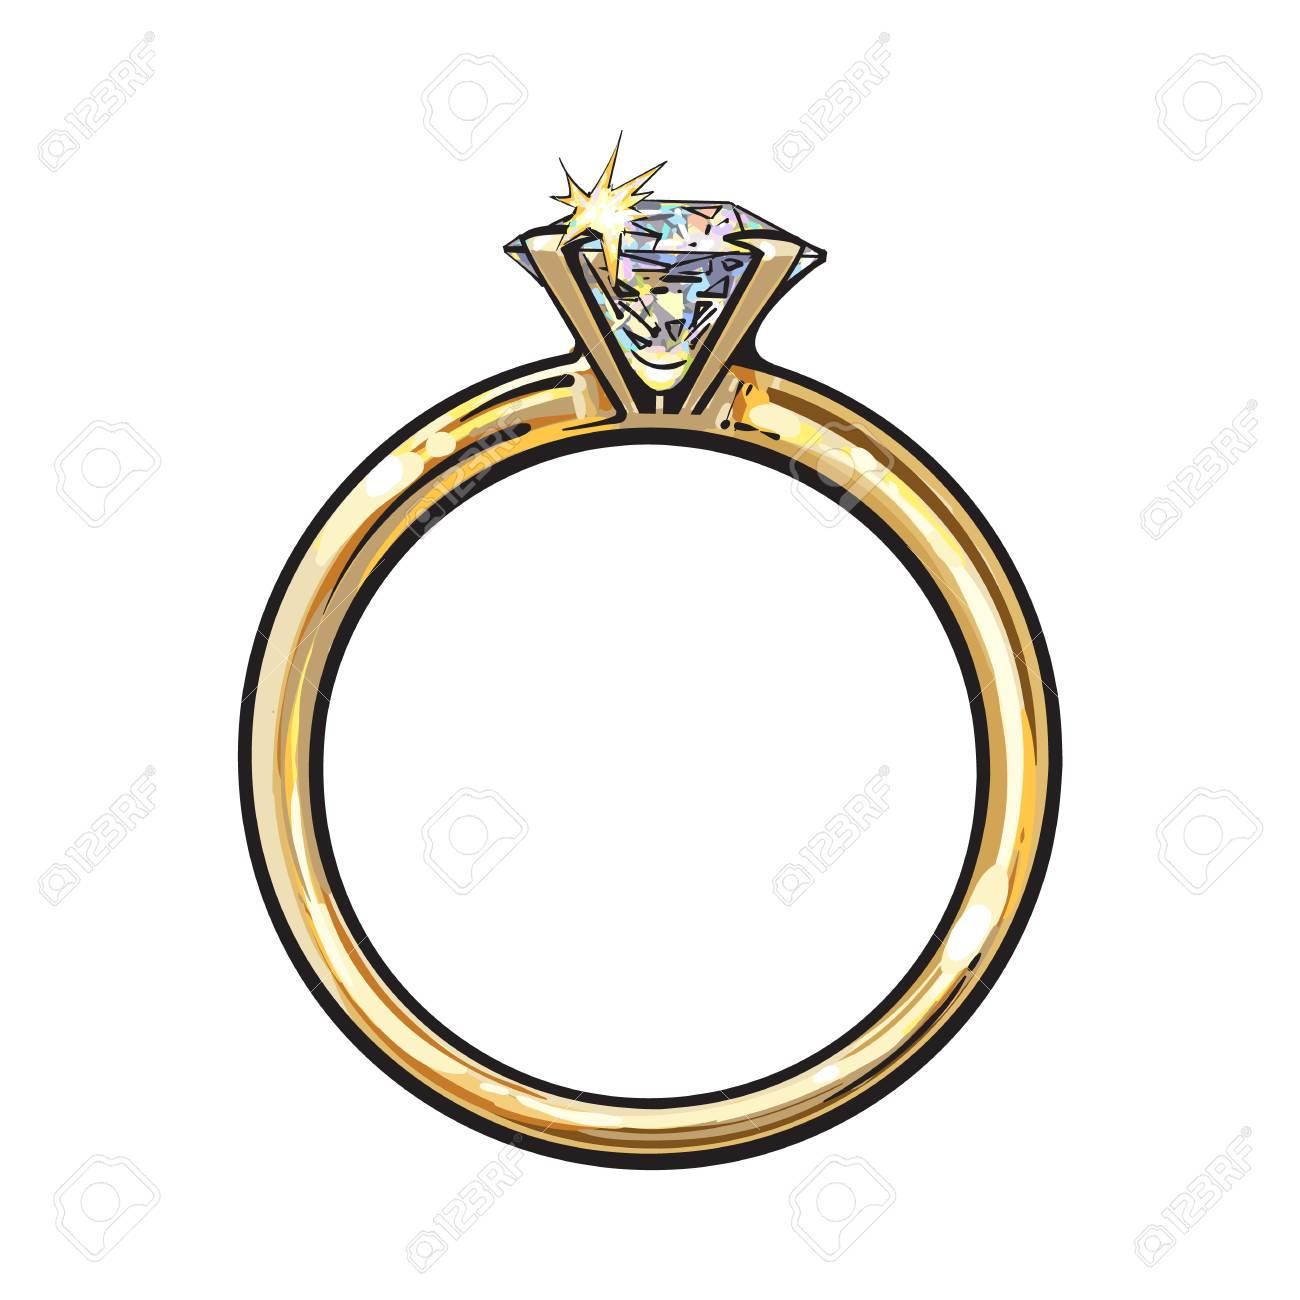 大きな輝くダイヤ白い背景で隔離のスケッチ イラストで黄金の婚約指輪